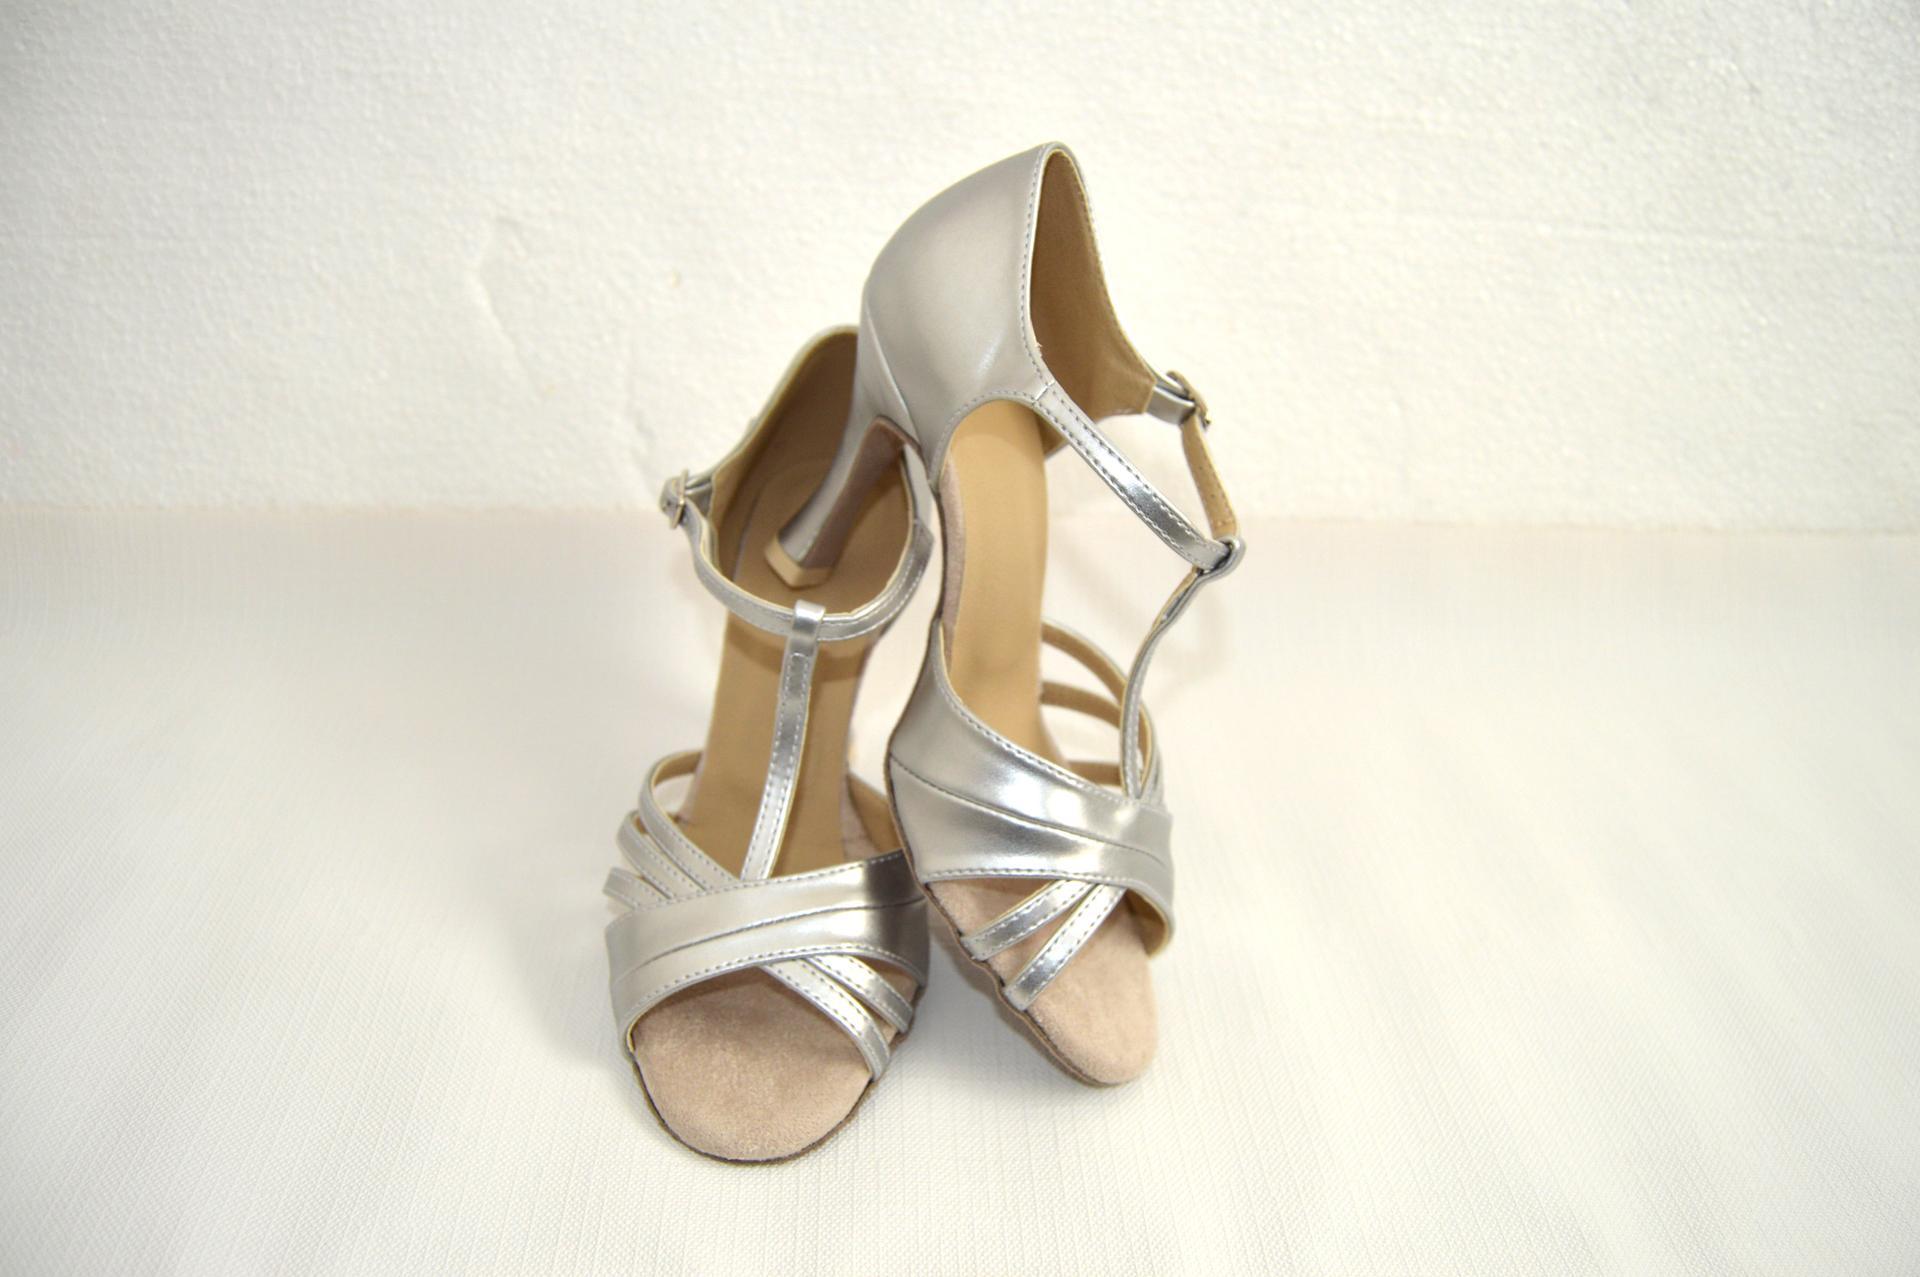 Svadobné topánky navrhni si ich - inšpirácie strieborná - Obrázok č. 73